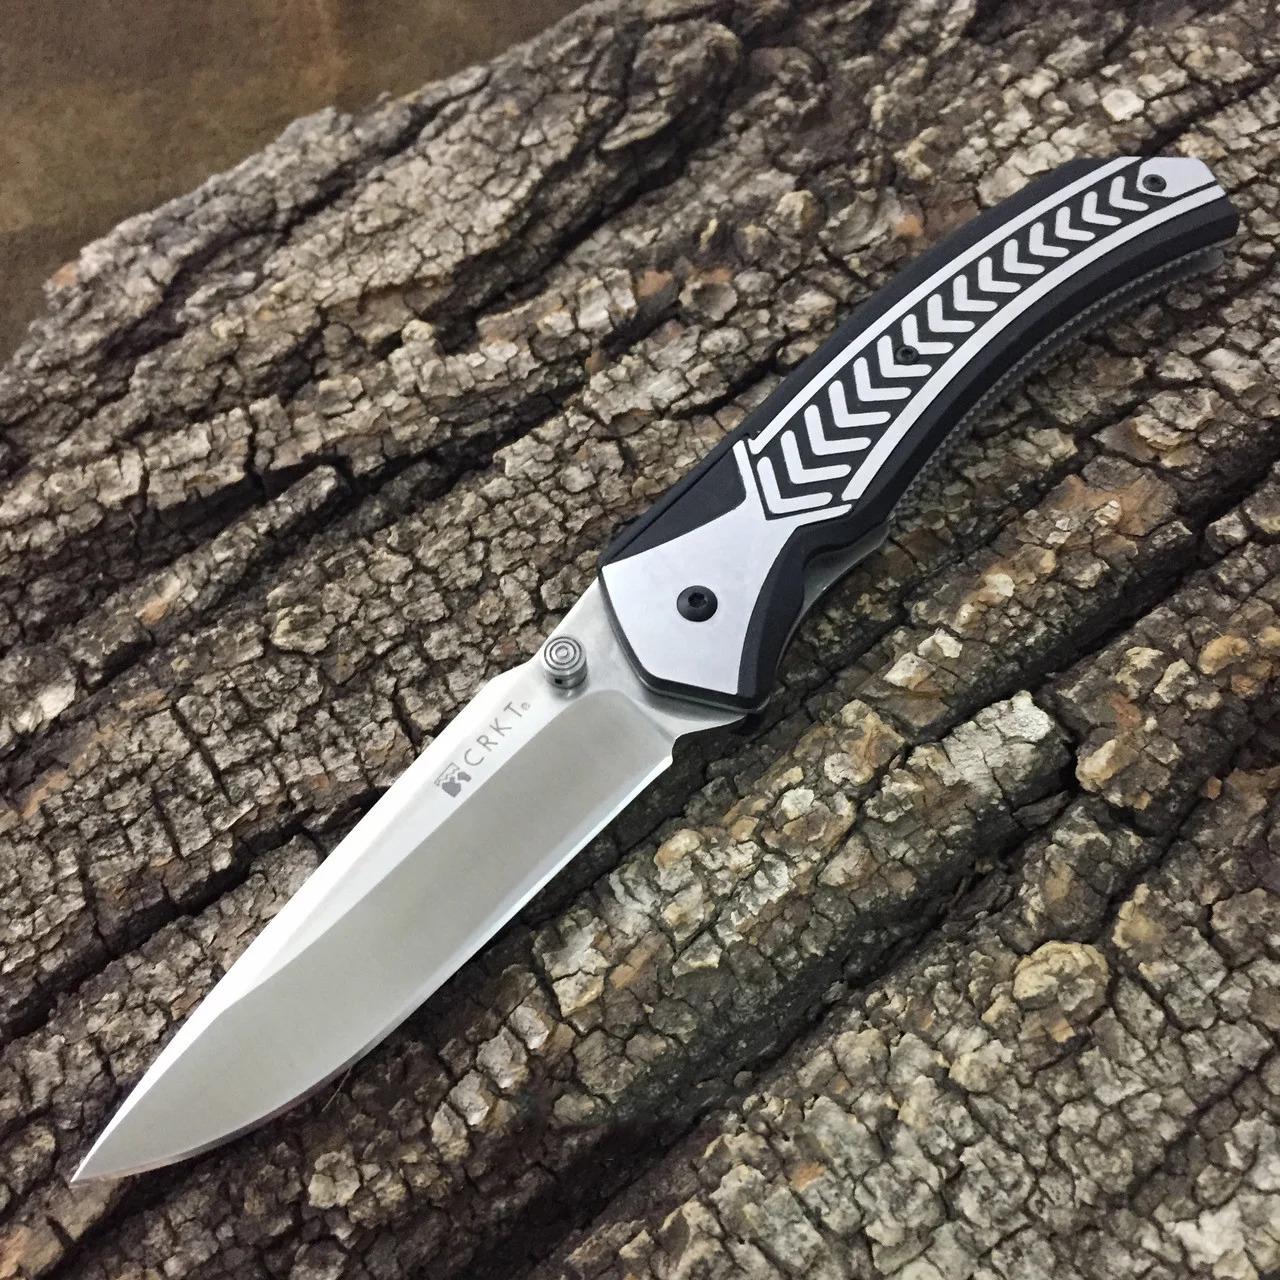 Фото 16 - Полуавтоматический складной нож Lift Off, CRKT 6830, сталь AUS-8, рукоять термопластик Zytel®/сталь